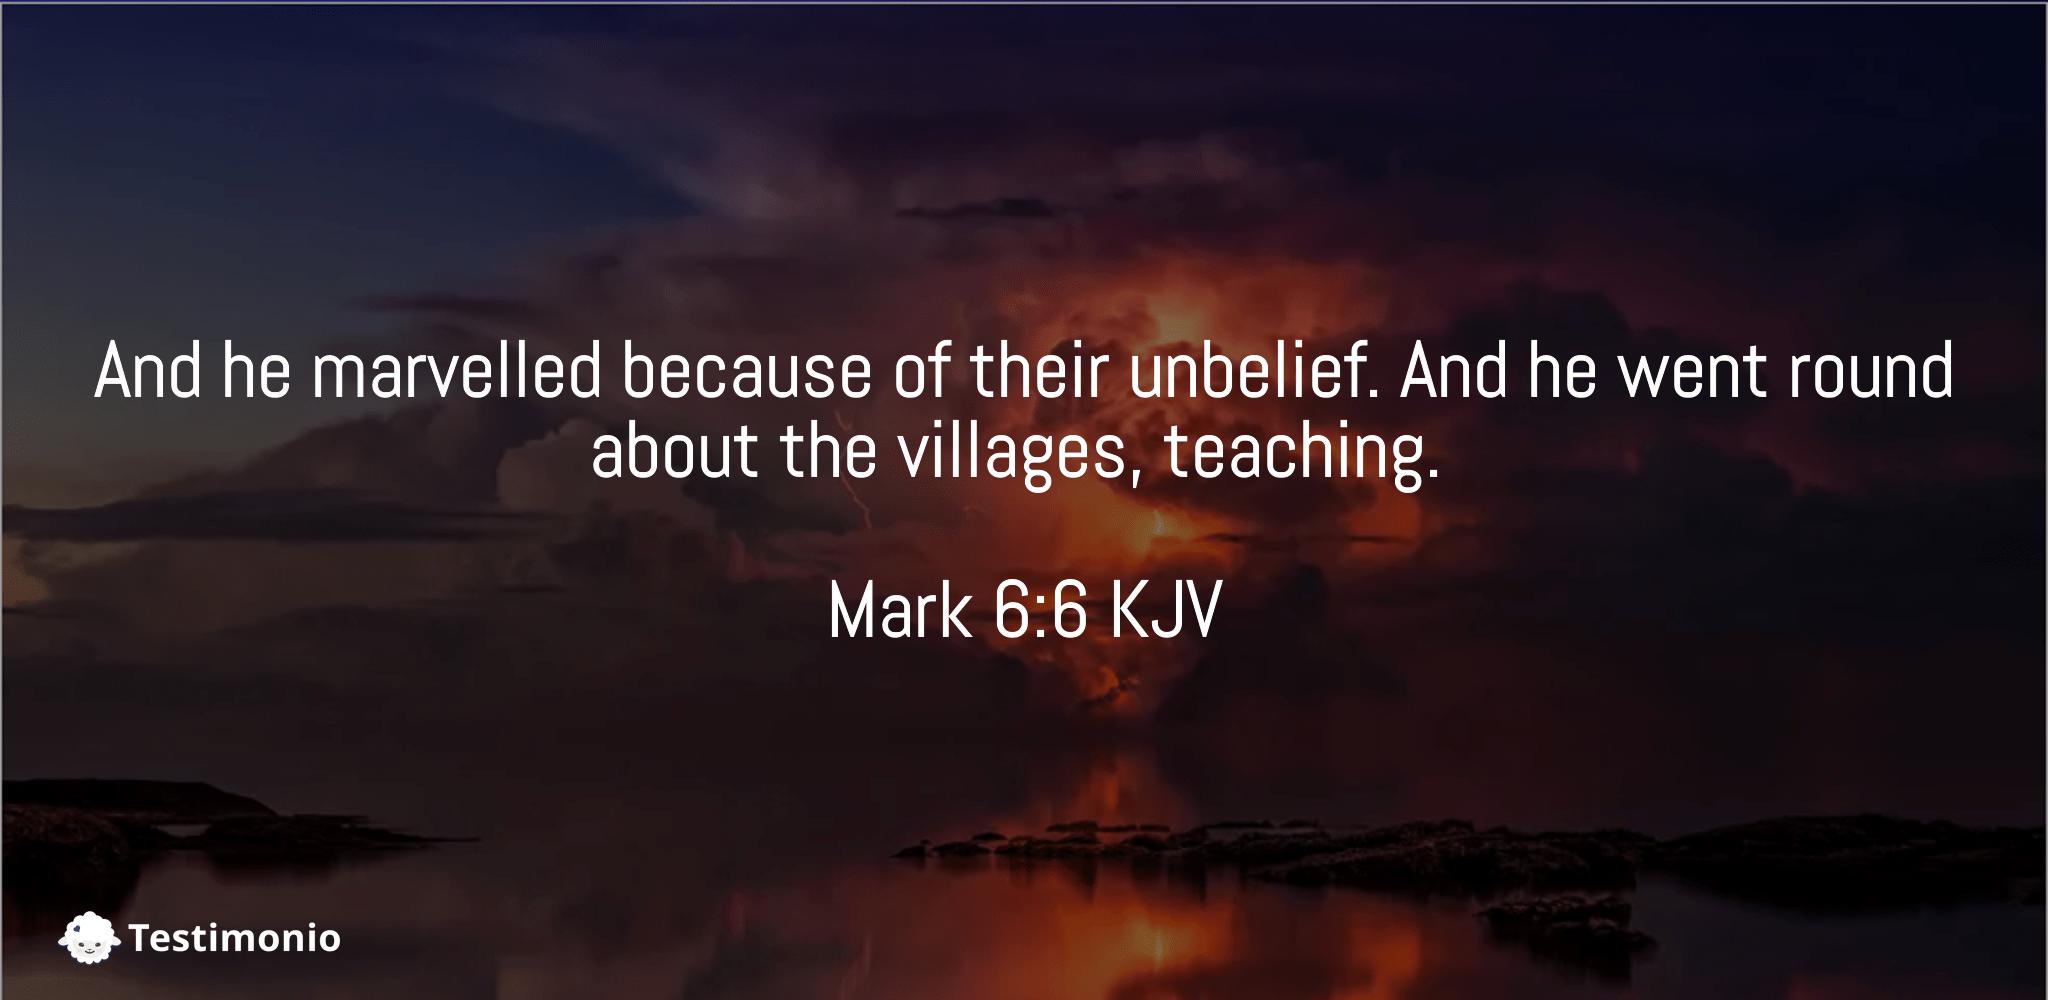 Mark 6:6